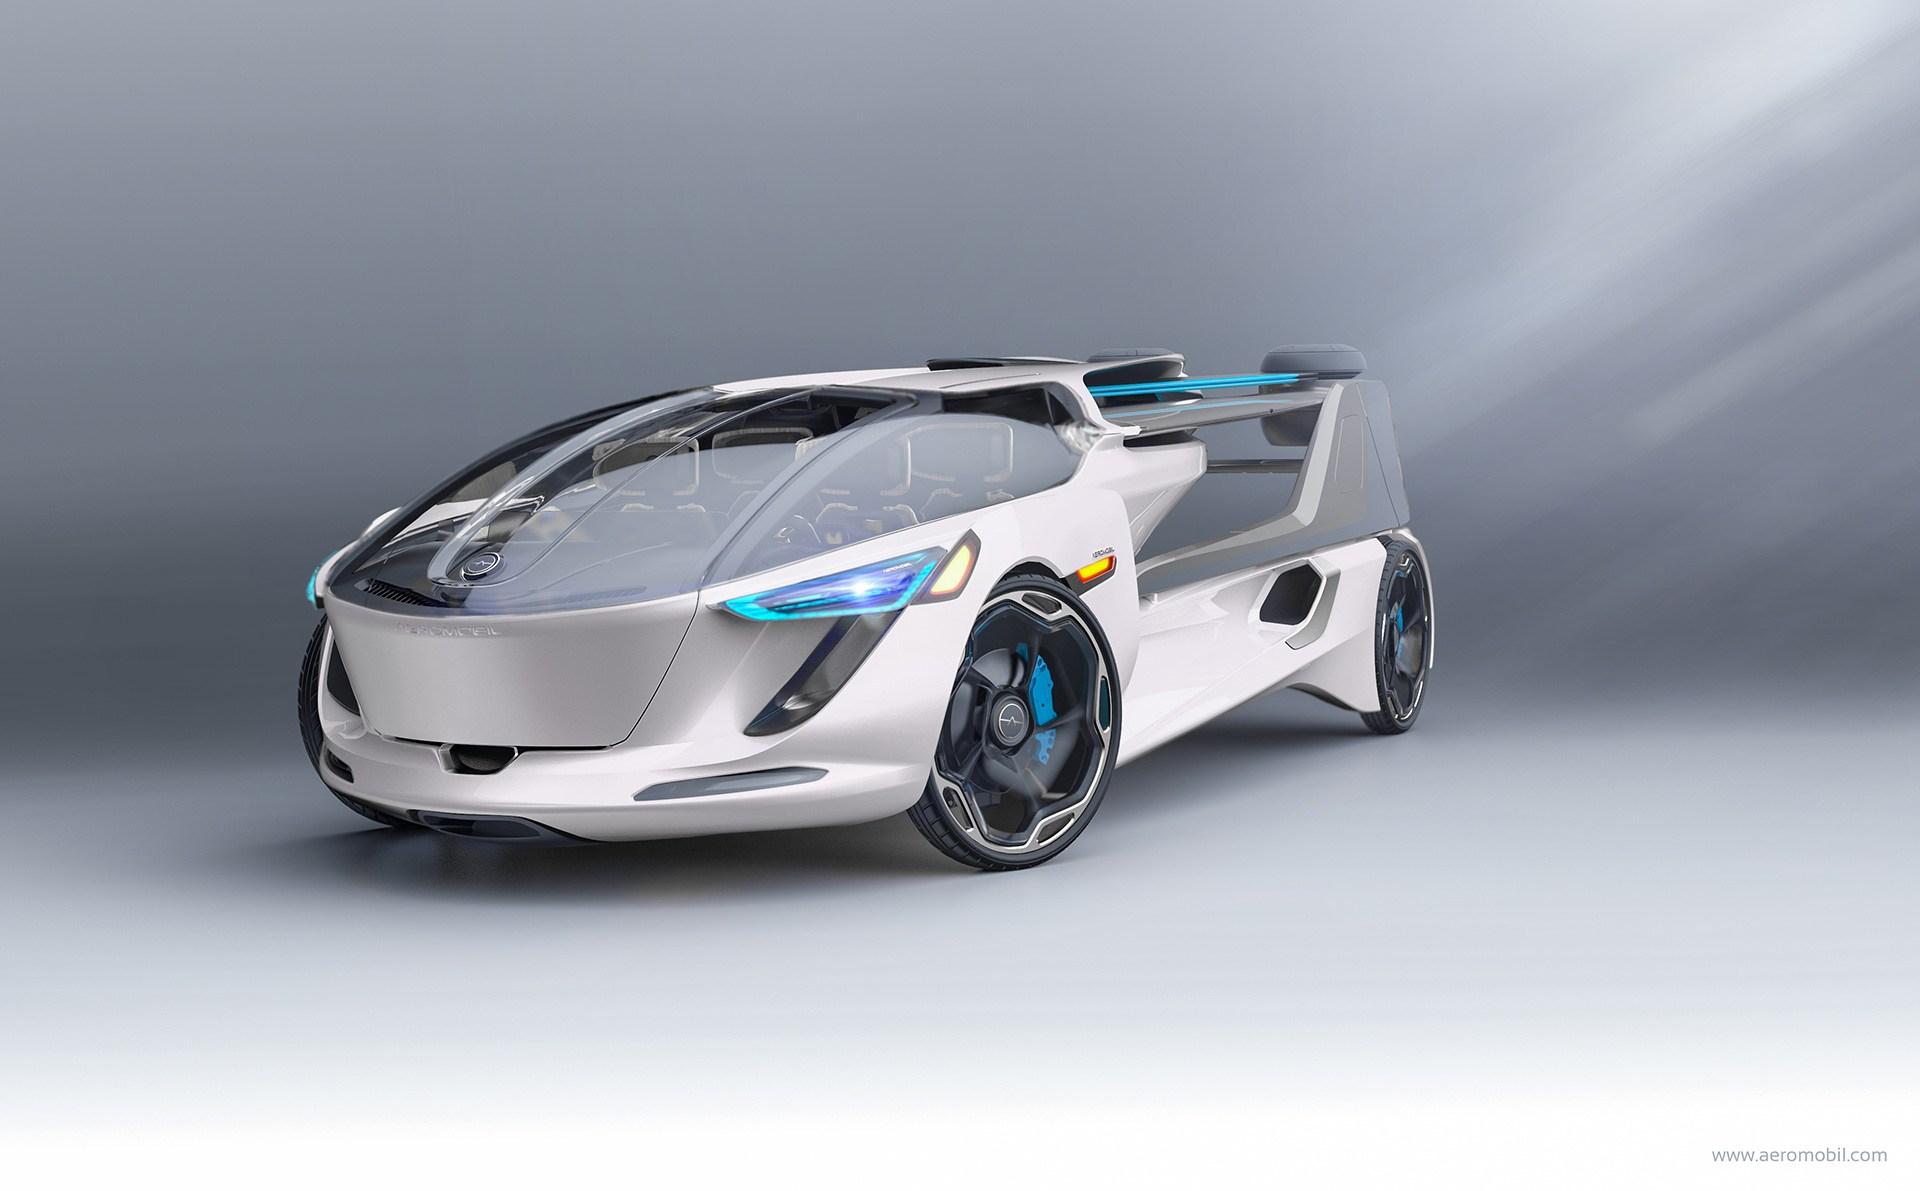 AeroMobil-5.0-VTOL-Concept-12